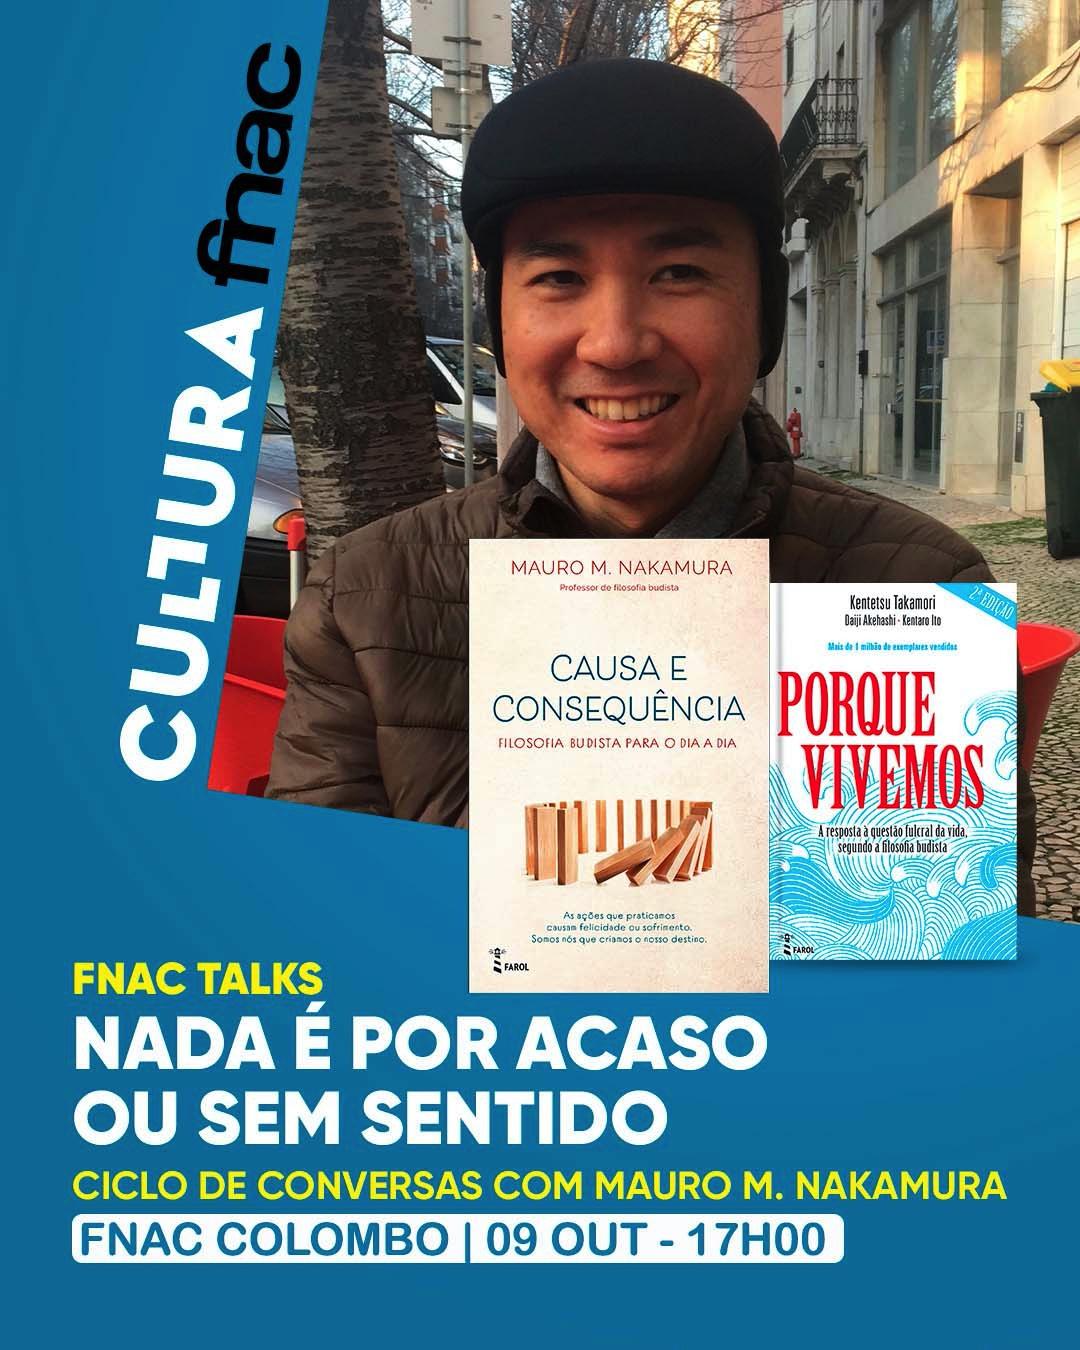 FNAC TALKS NO COLOMBO – LISBOA | Nada é por acaso ou sem sentido